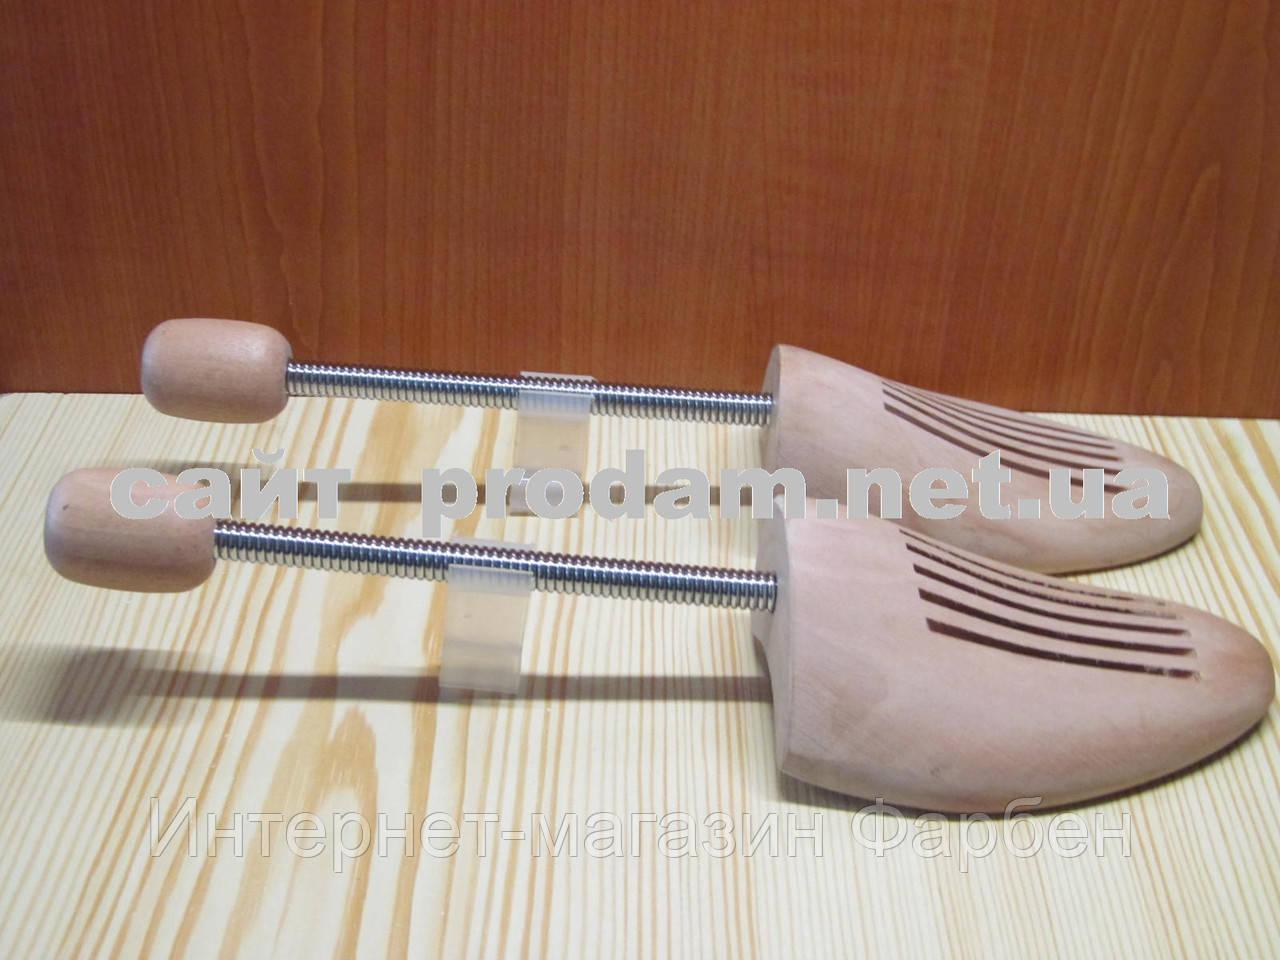 Формодержатель  колодка деревянная для обуви - Интернет-магазин Фарбен в Днепре